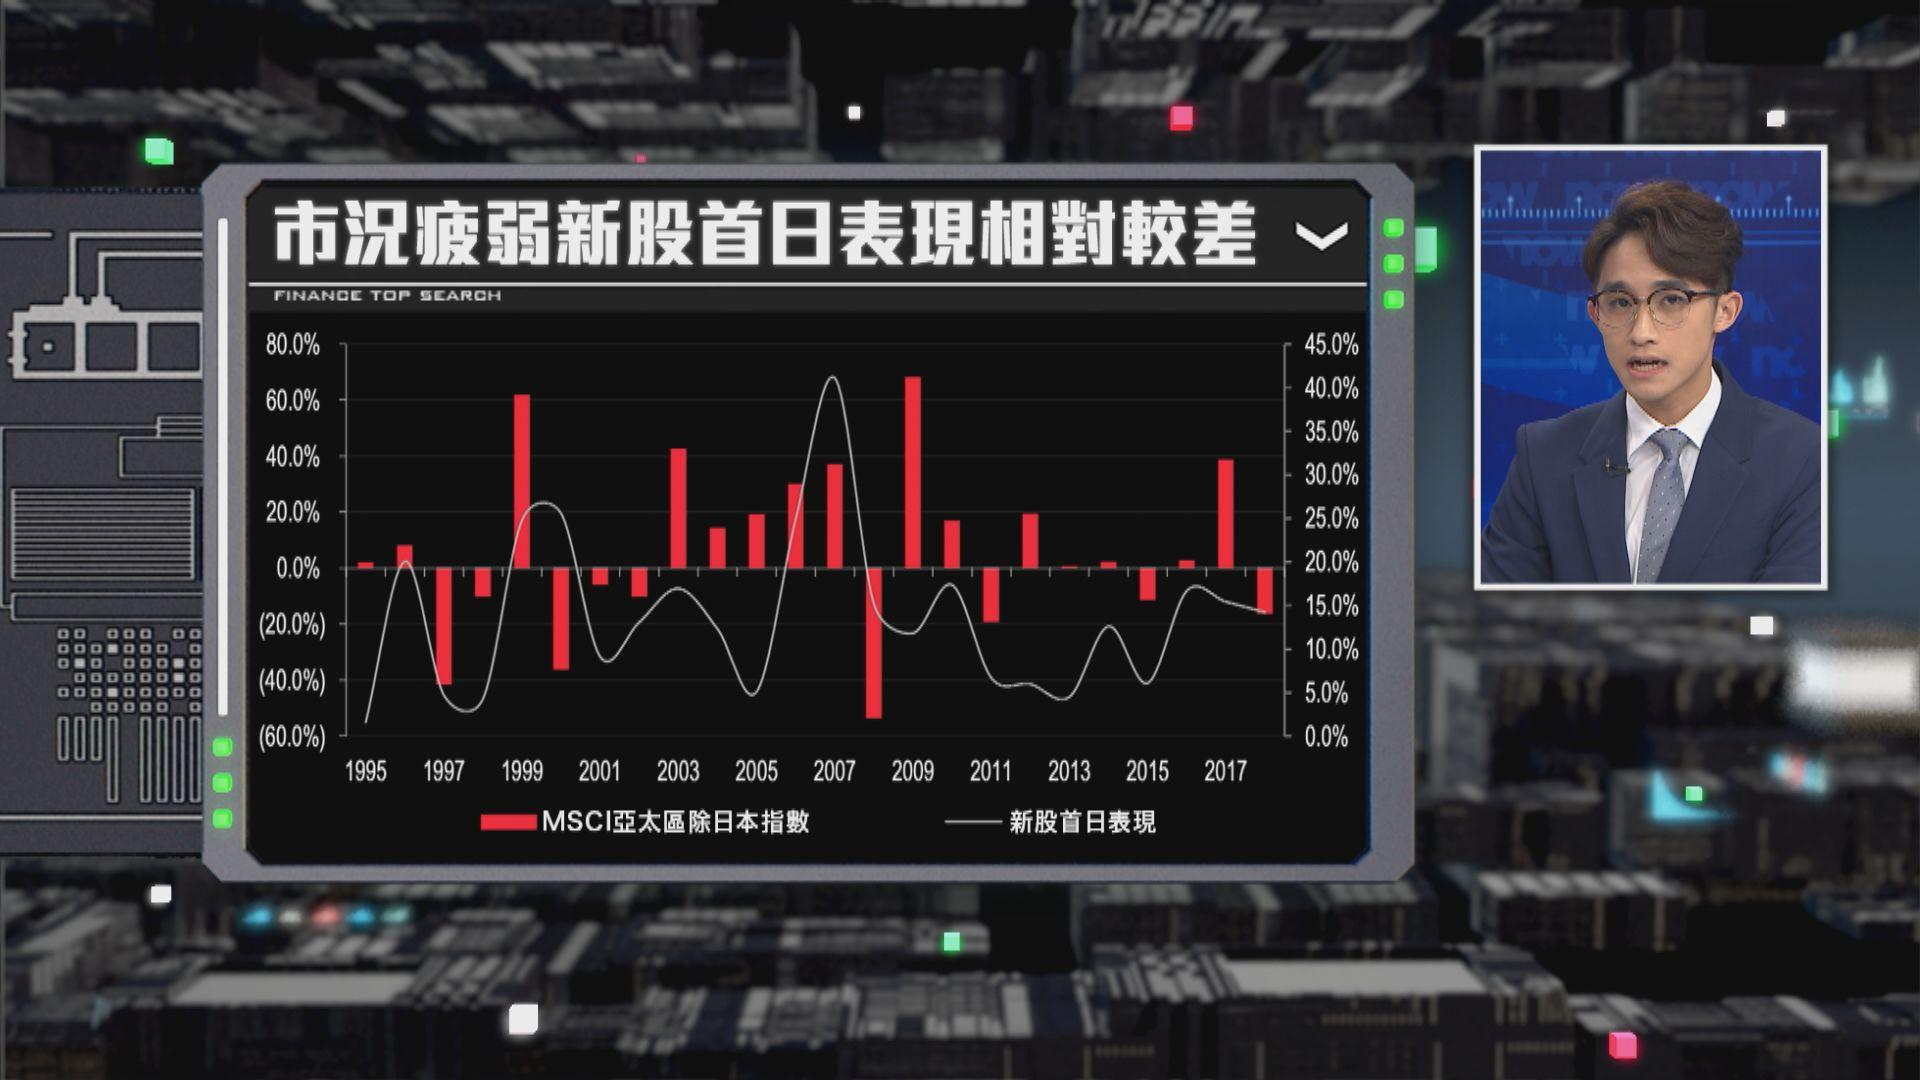 【財經TOP SEARCH】新股首掛掂唔掂有路捉